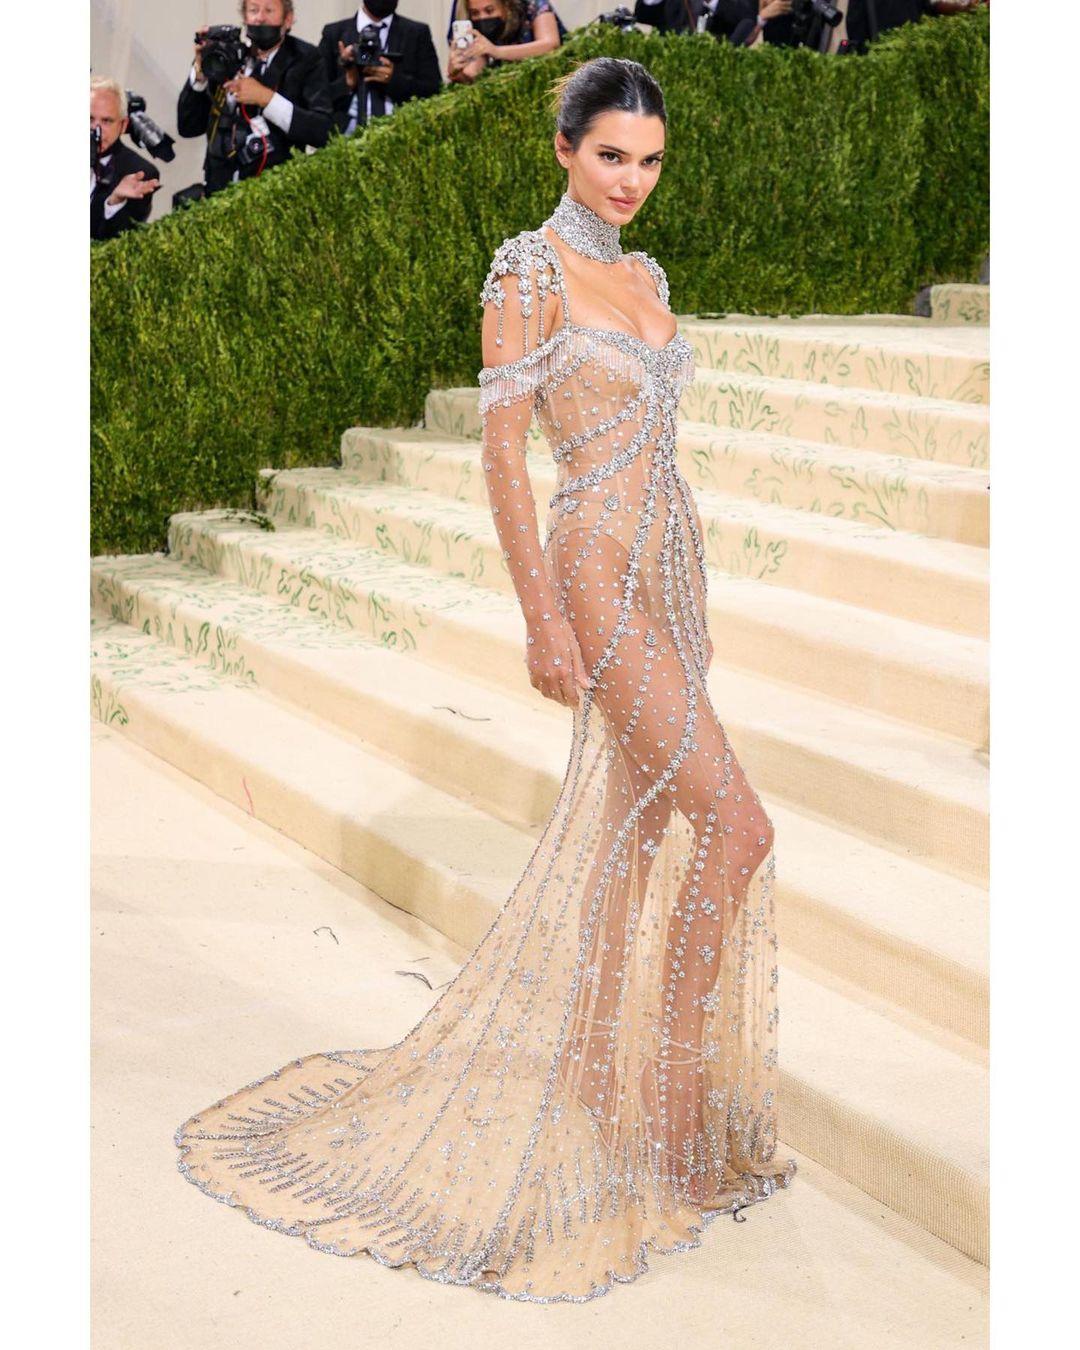 """Ідеал: Кендалл Дженнер в """"голій"""" сукні від Givenchy захопила розкішною фігурою"""